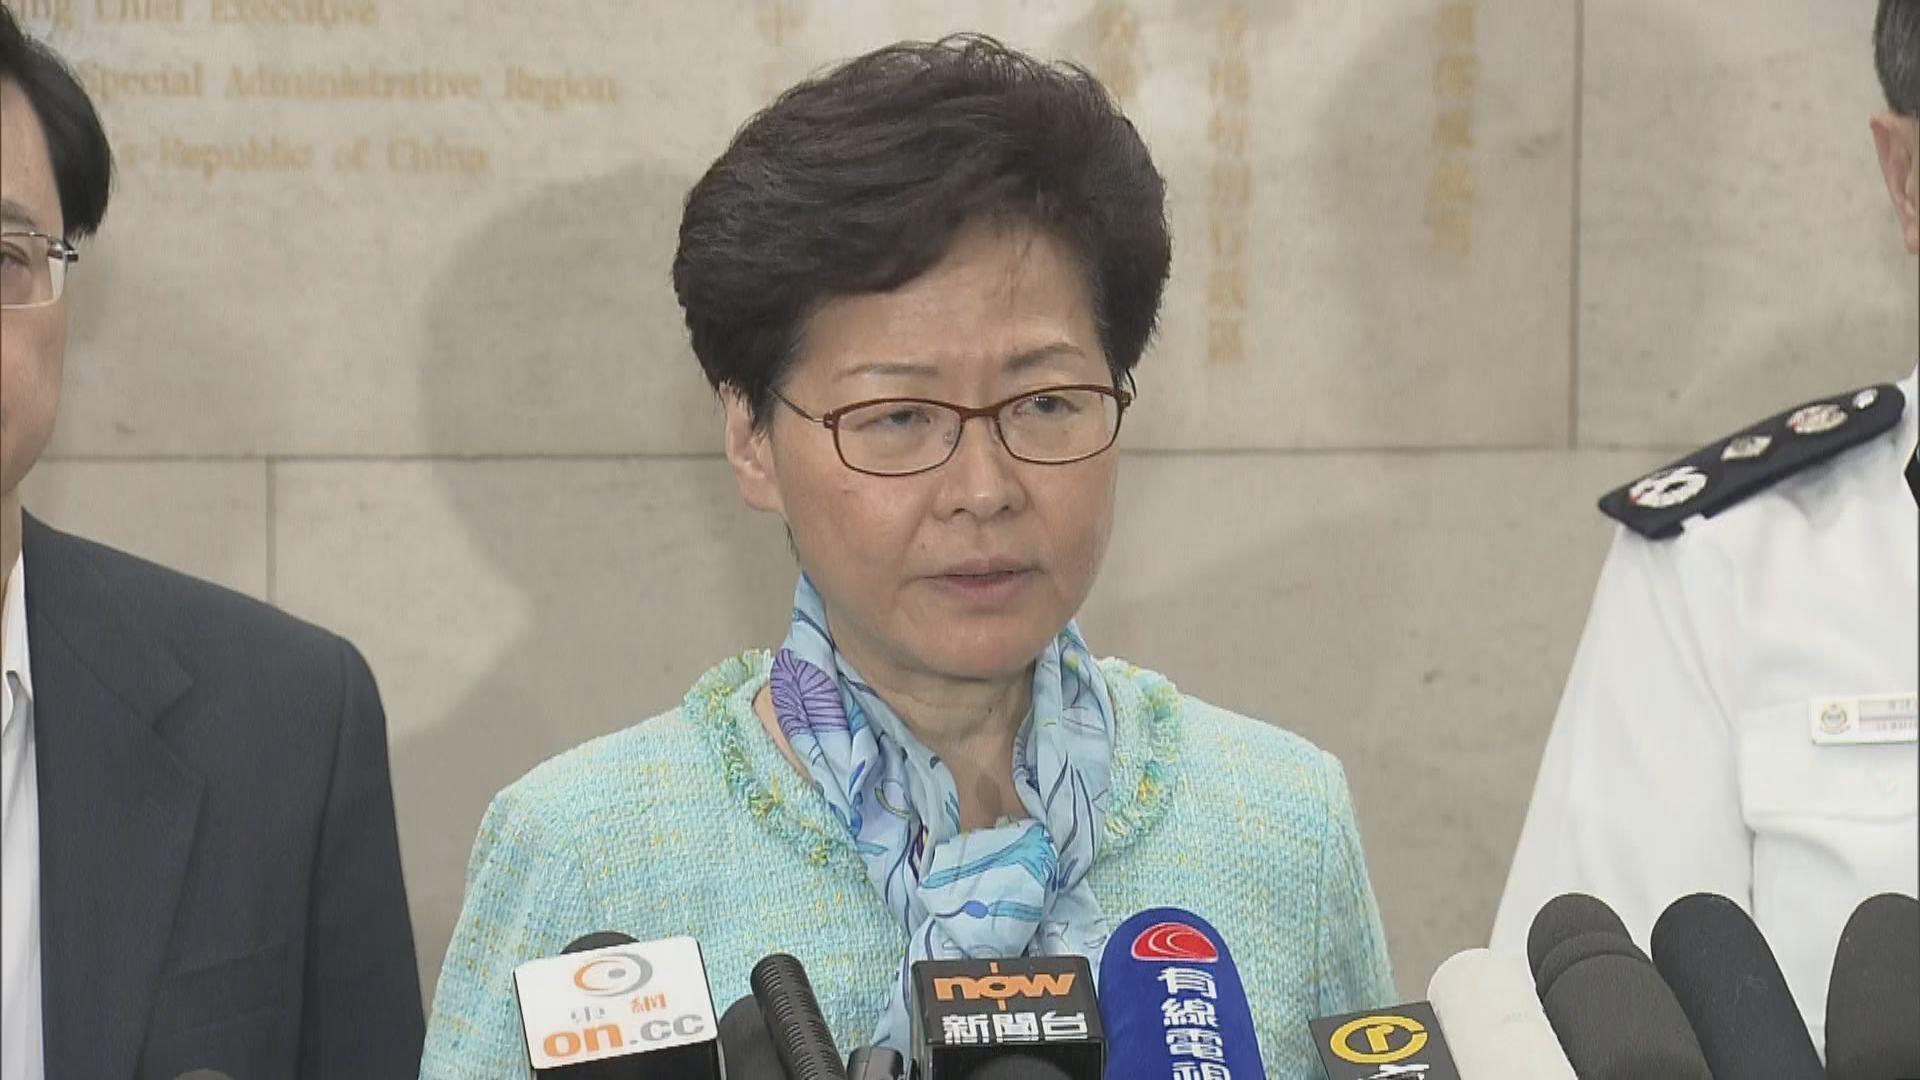 林鄭:未經調查就不檢控示威者是違背法治